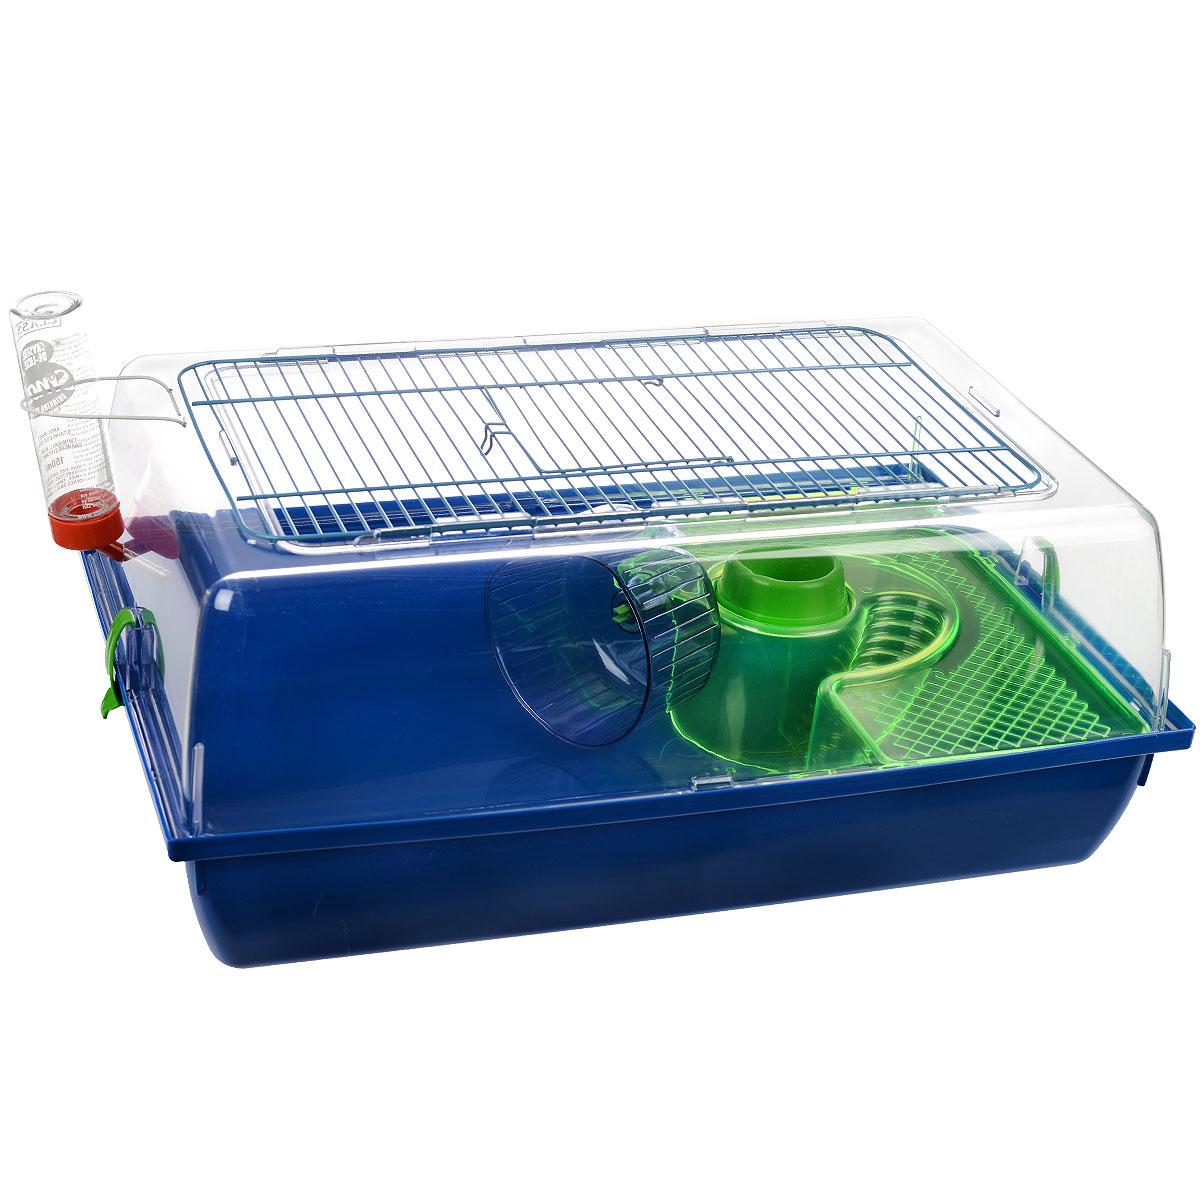 Клетка для хомяков I.P.T.S. Alex, цвет: синий, 58 см х 38 см х 25 см24871Яркая цветная клетка снабжена всем необходимым для отдыха и активной жизни грызуна. Подходит для мышей, песчанок, хомяков и других мелких грызунов. Клетка оборудована колесом для упражнений, поилкой и местом для кормления. Клетка выполнена из пластика и металла. Надежно закрывается на защелки. Такая клетка станет уединенным личным пространством и уютным домиком для маленького грызуна.